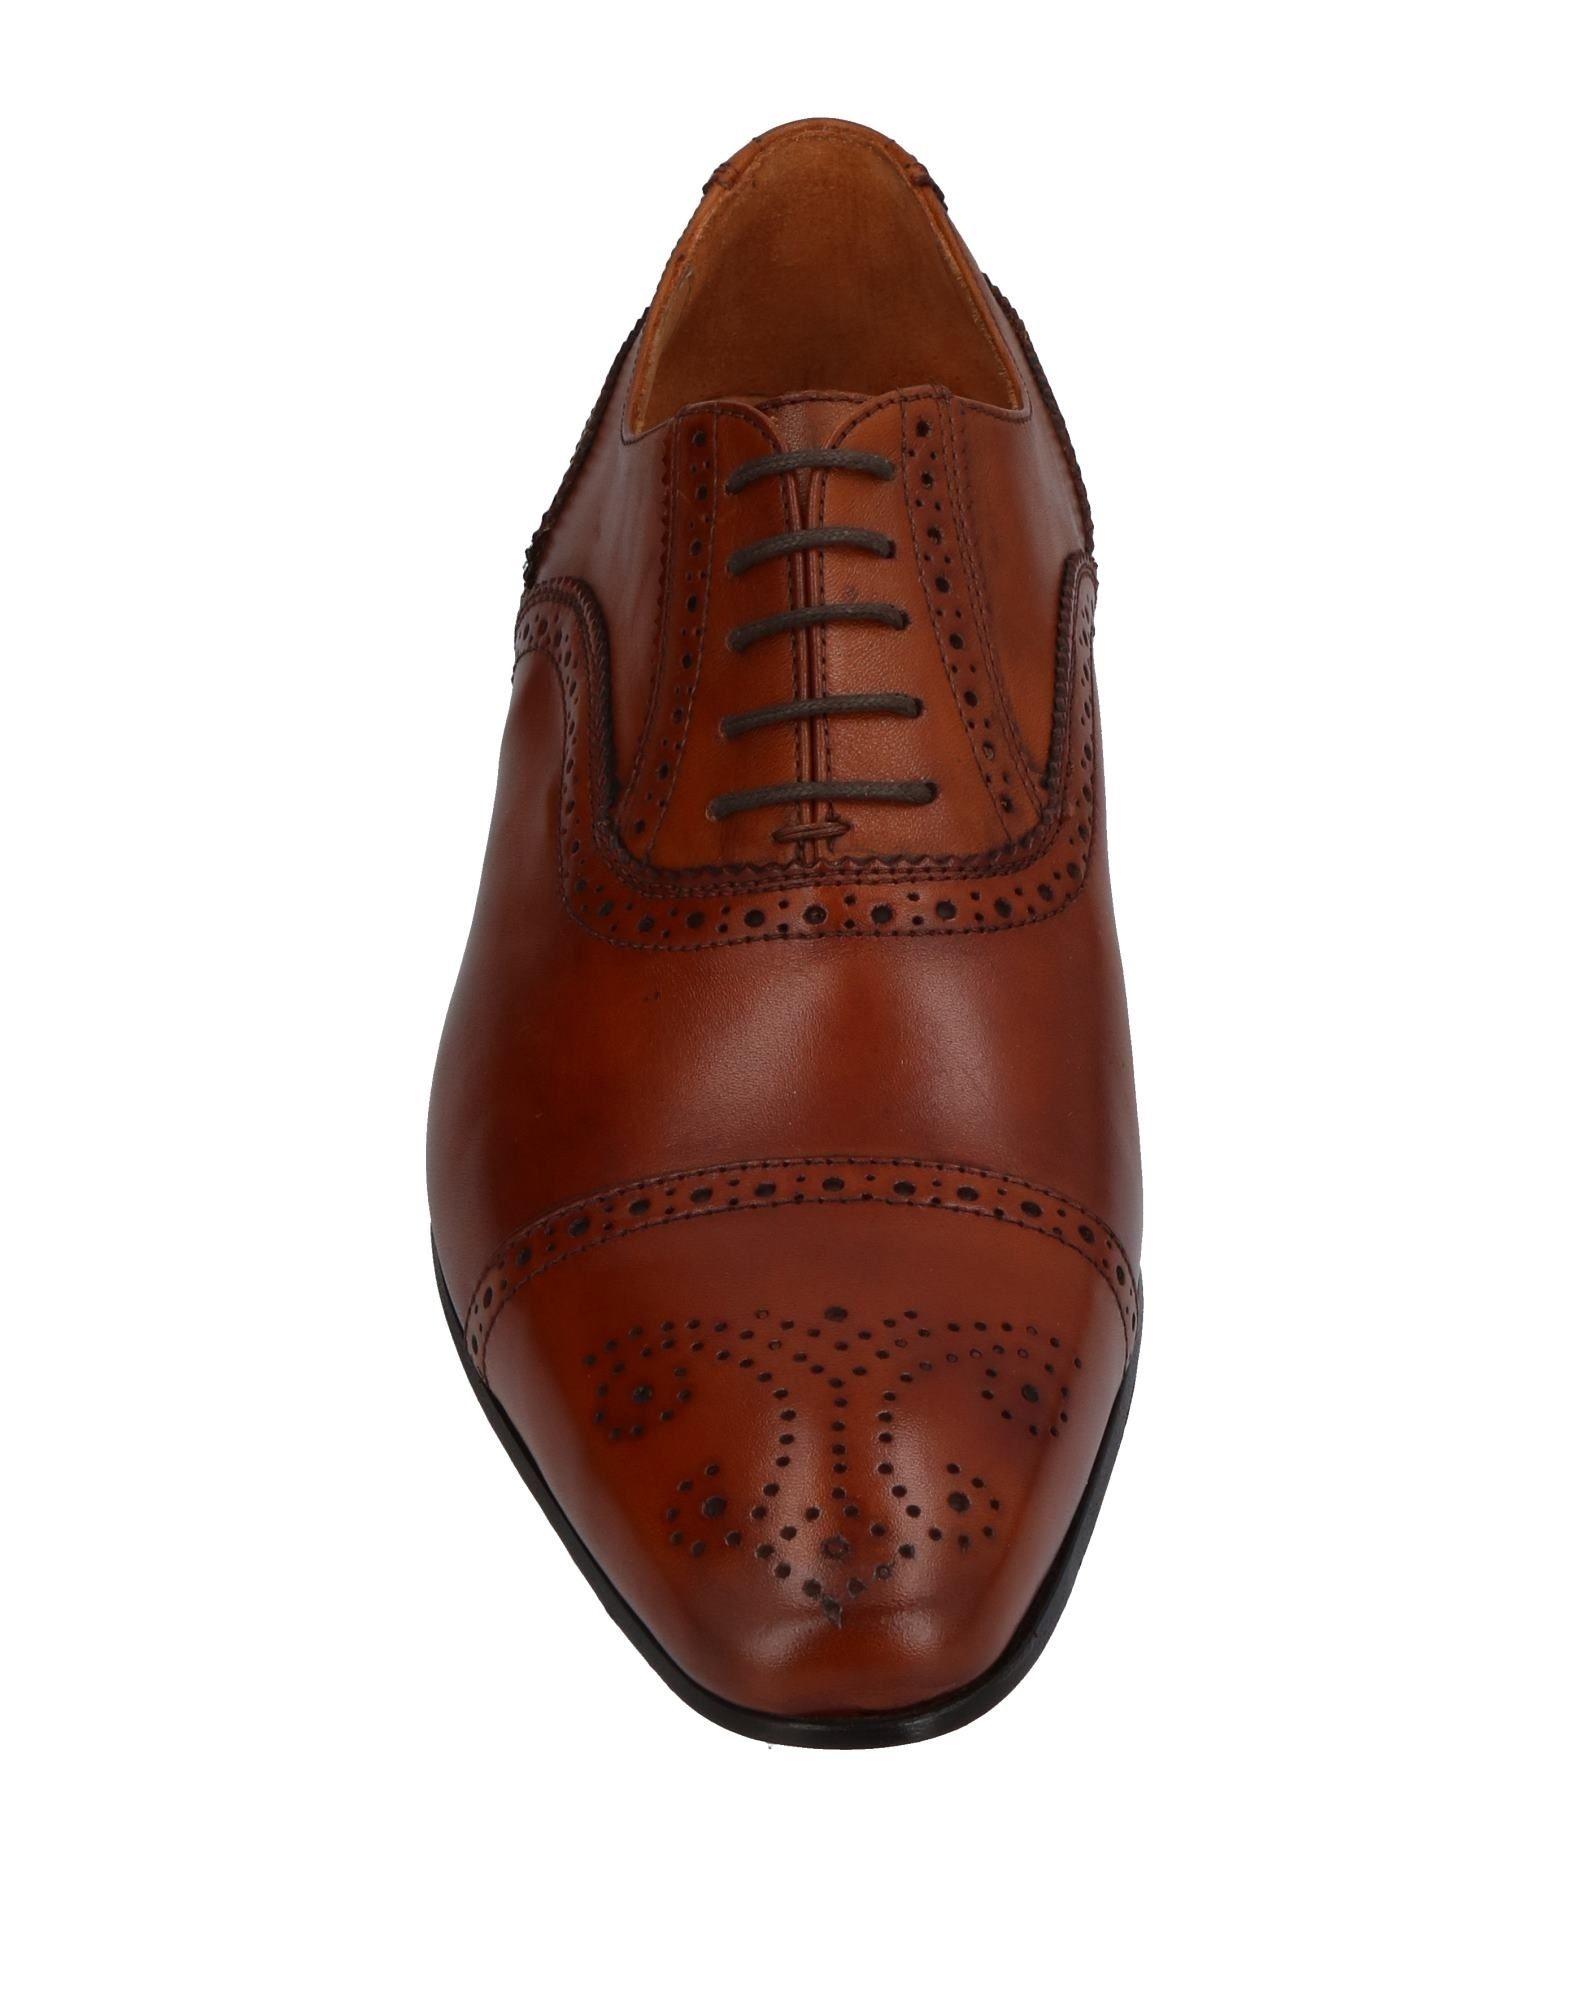 Herren Cantarelli Schnürschuhe Herren   11375797RG Heiße Schuhe ceaf21